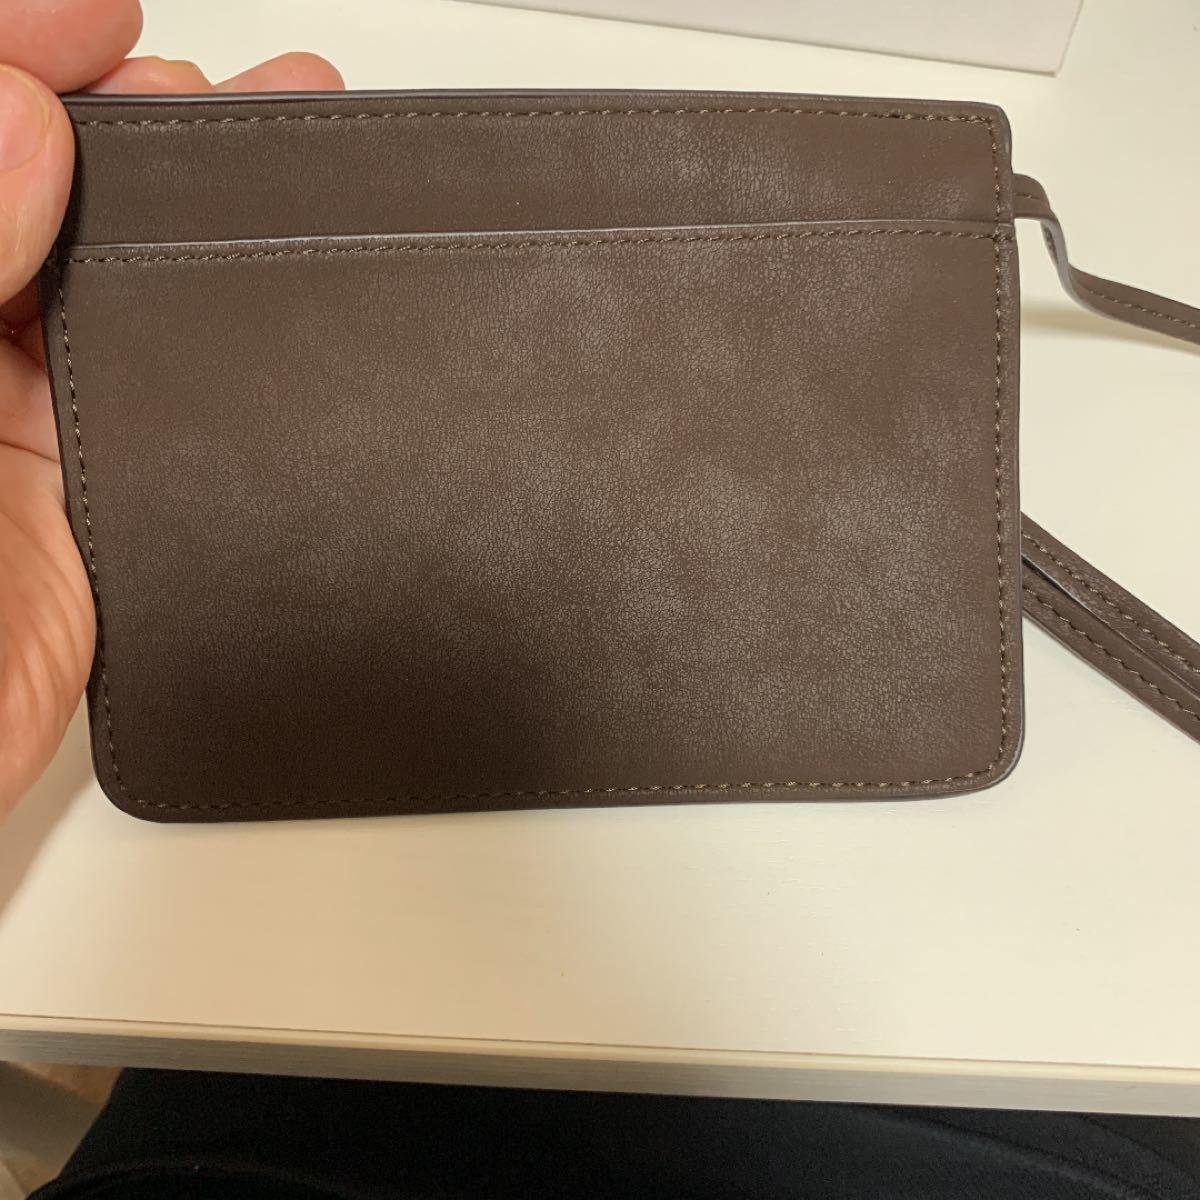 コインケース カードケース 小物入れ ピルケースとしてご使用いただけます☆